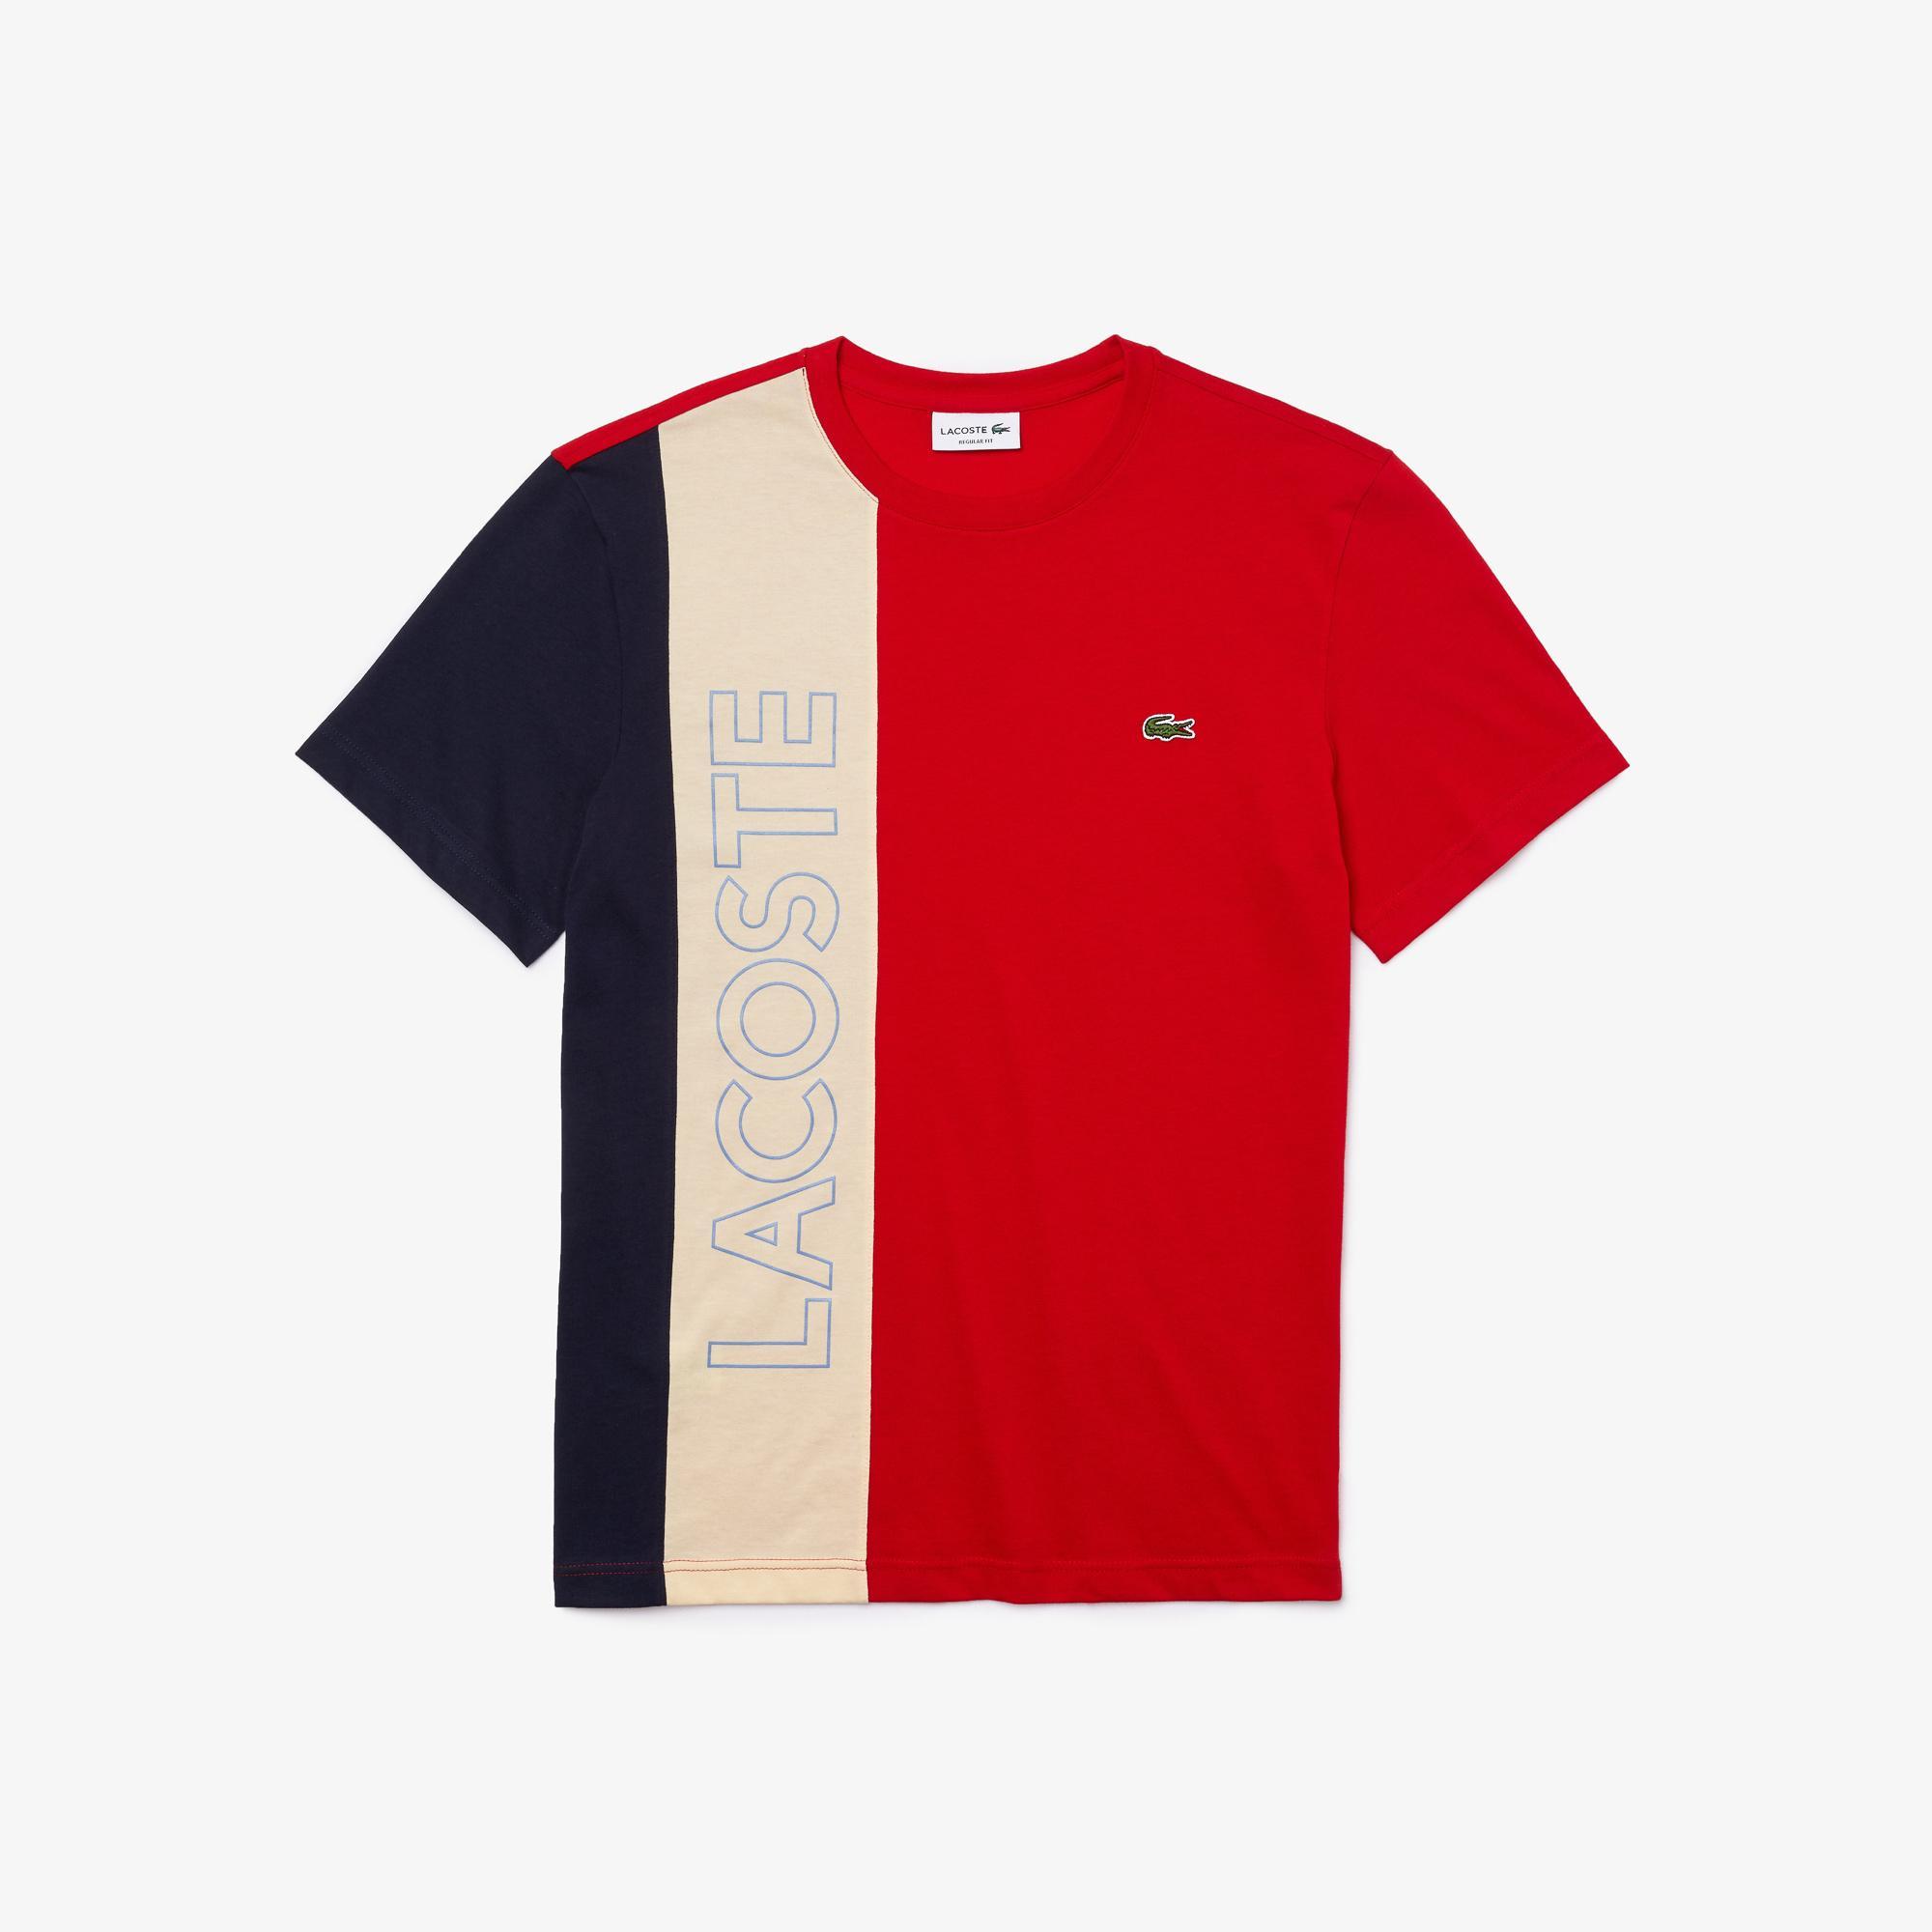 Lacoste Męski T-shirt w bloki kolorystyczne z napisem Lacoste z okrągłym dekoltem